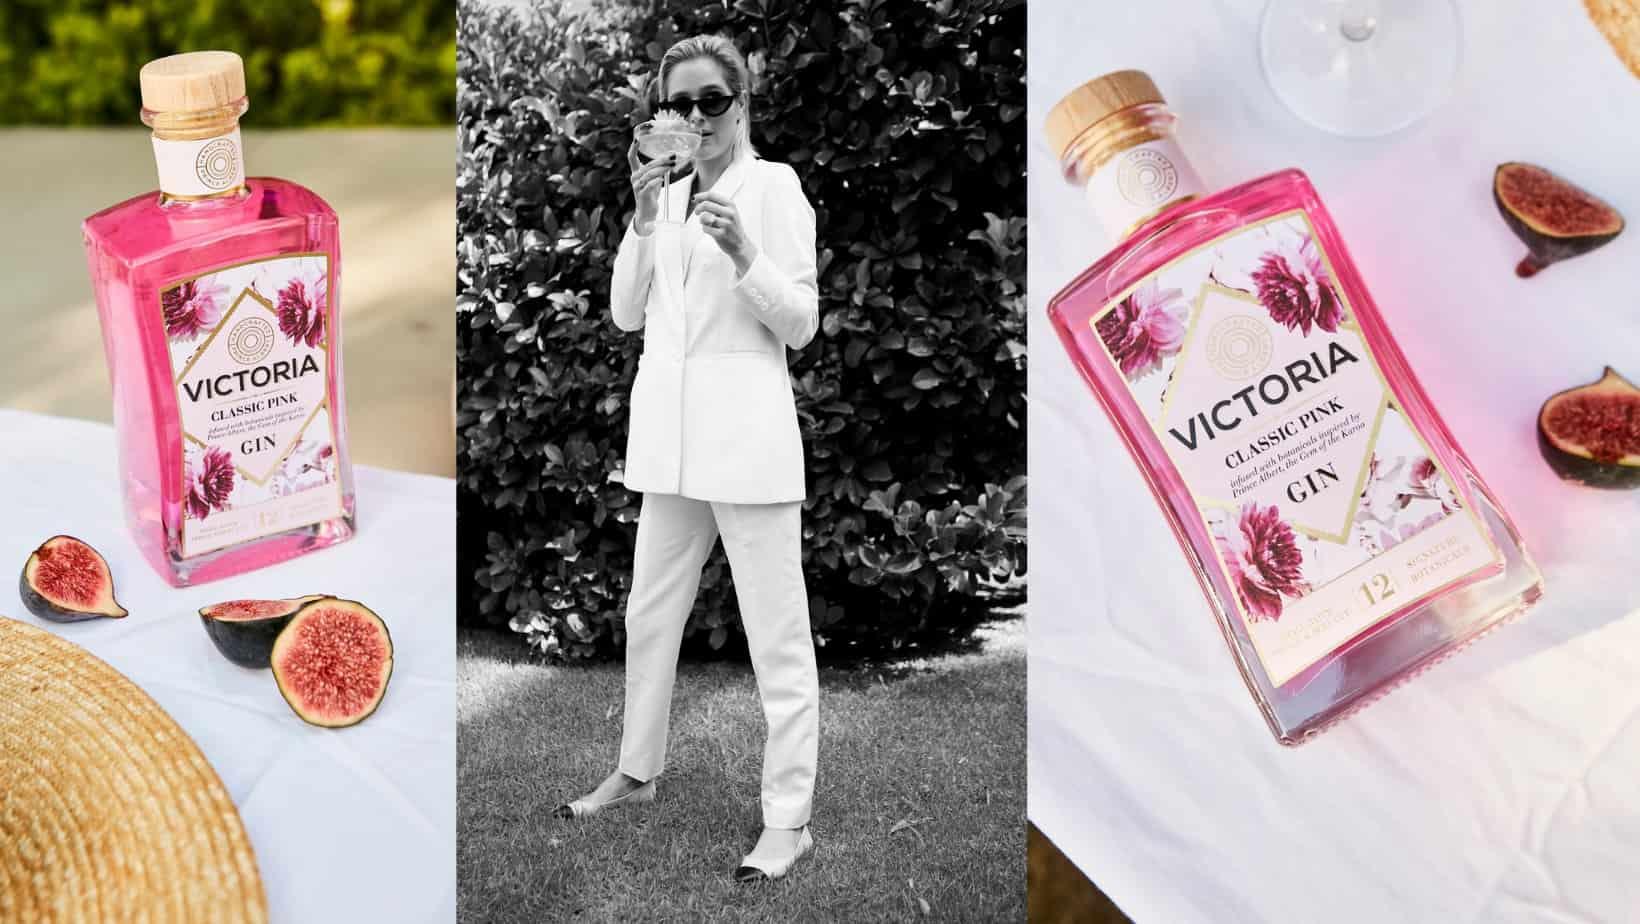 Victoria Luxury Gin